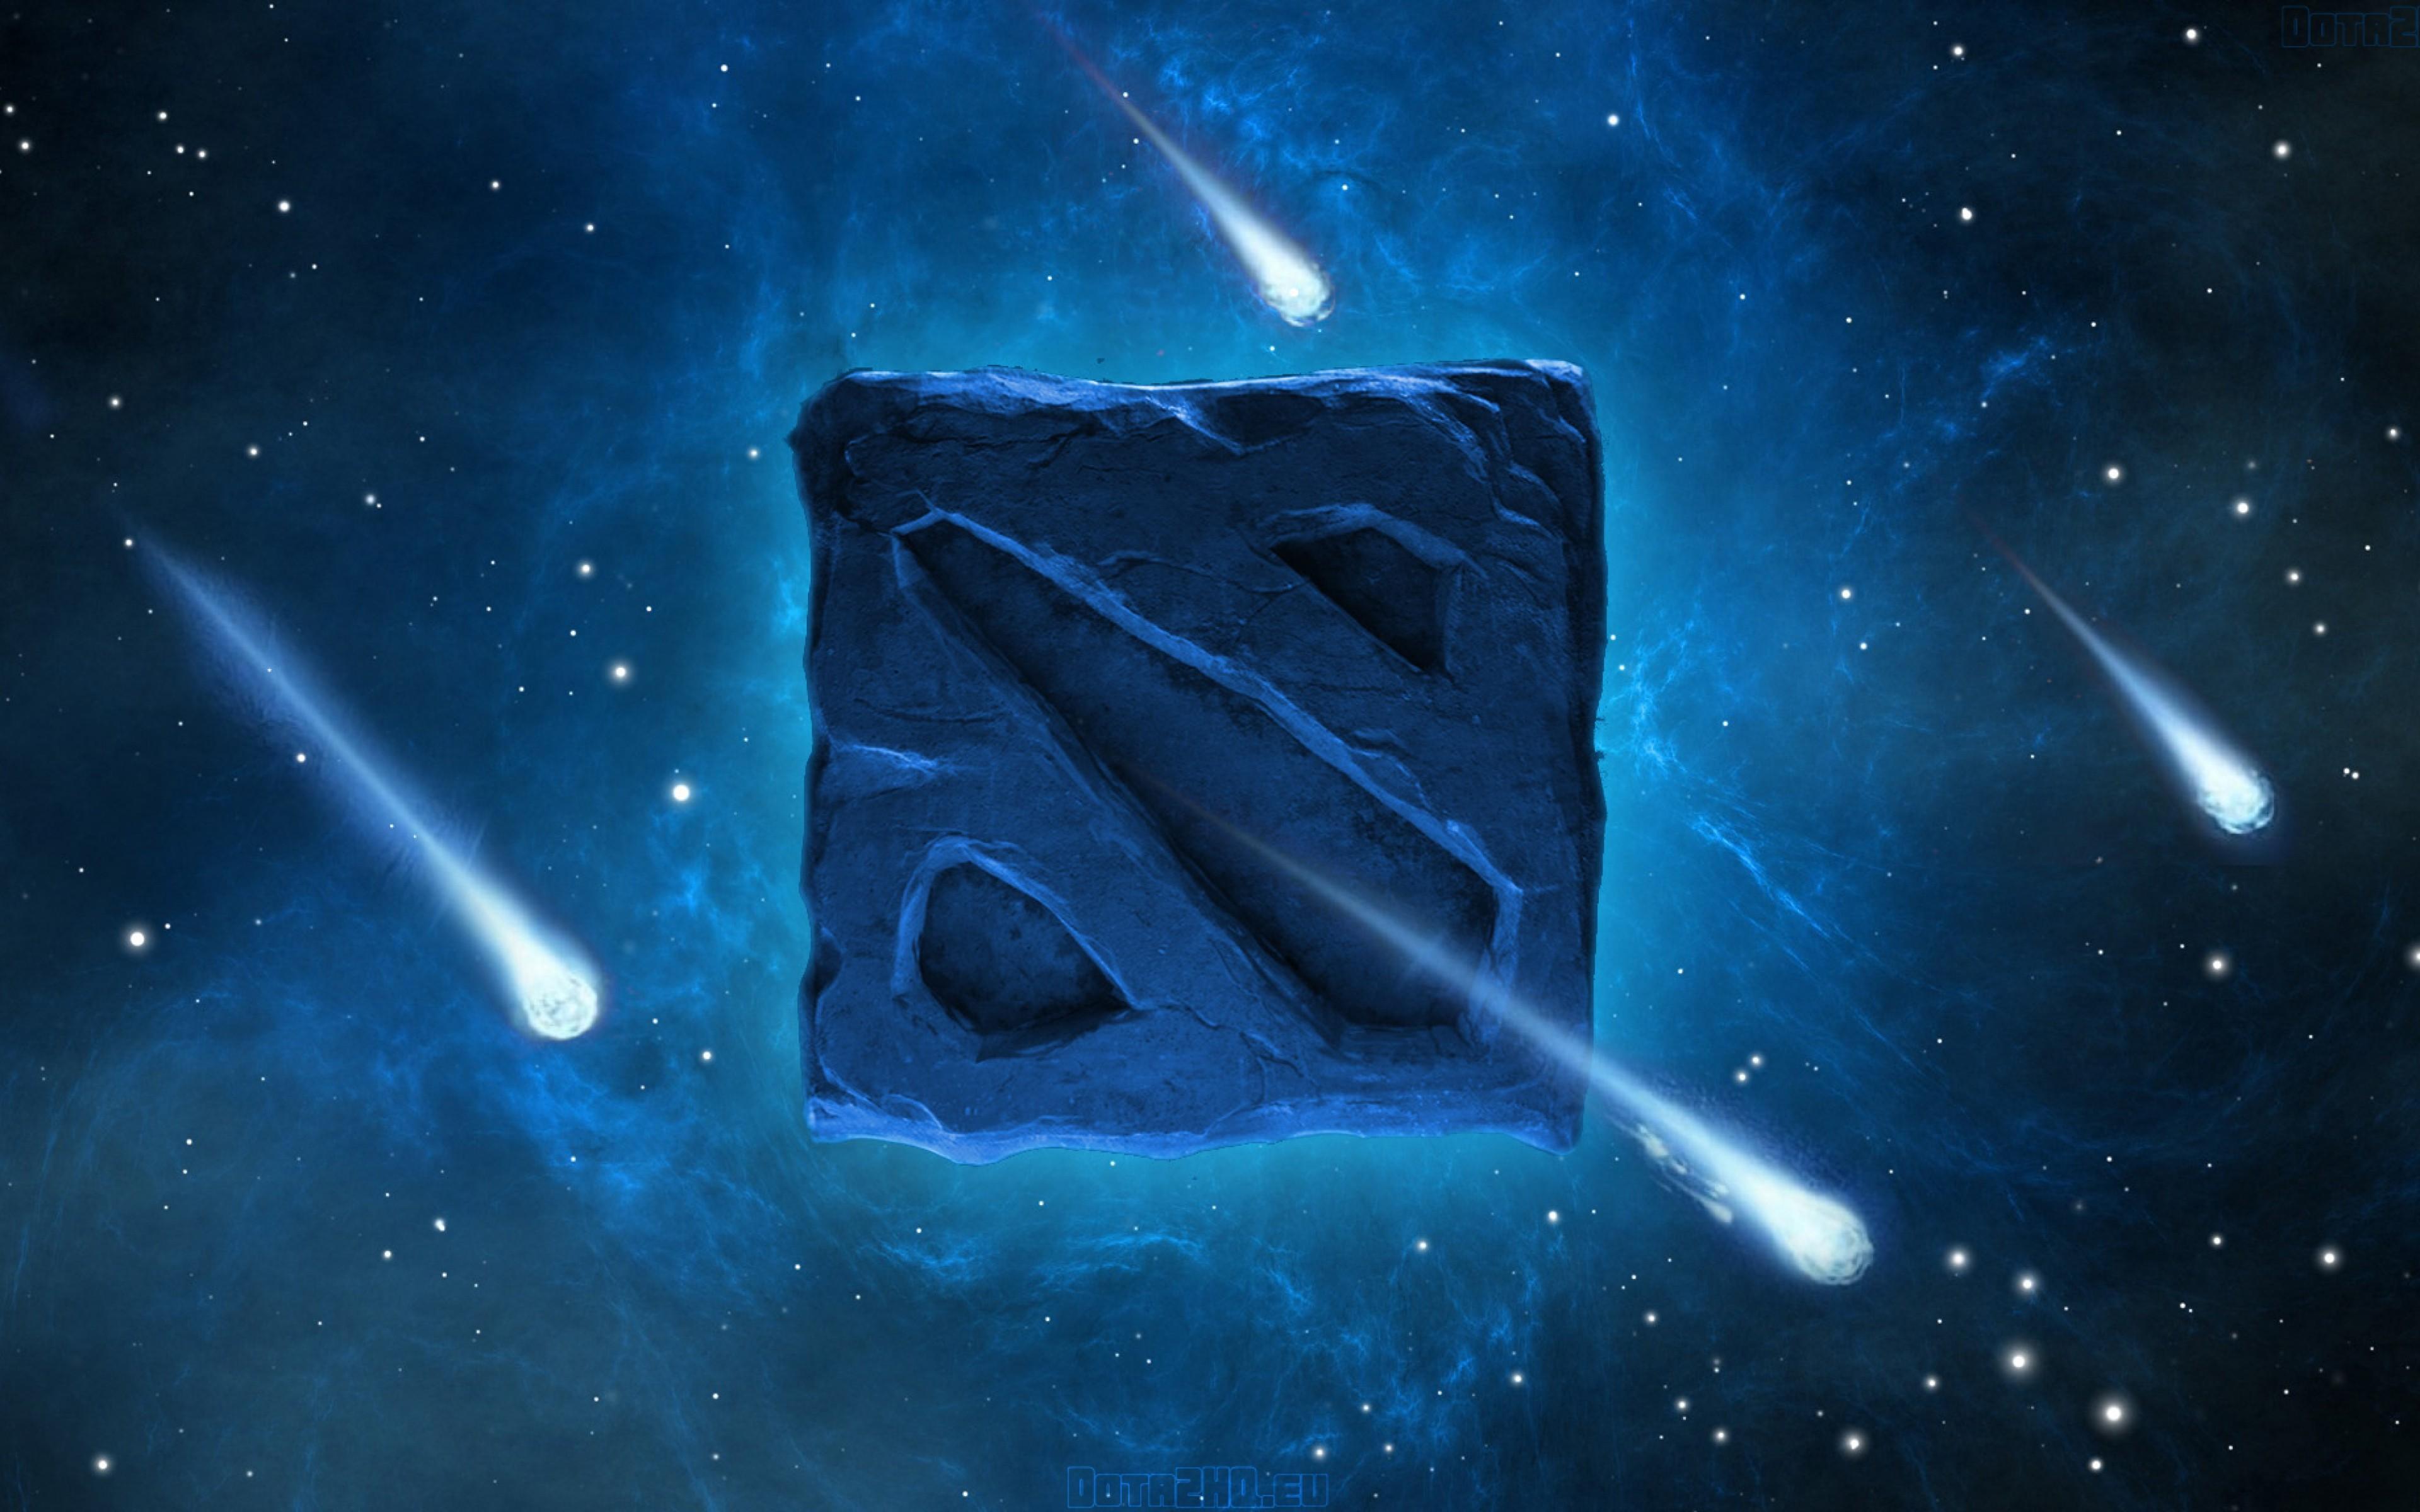 Ilustração Gratis Espaço Todos Os Universo Cosmos: Papel De Parede : Ilustração, Videogames, Nebulosa